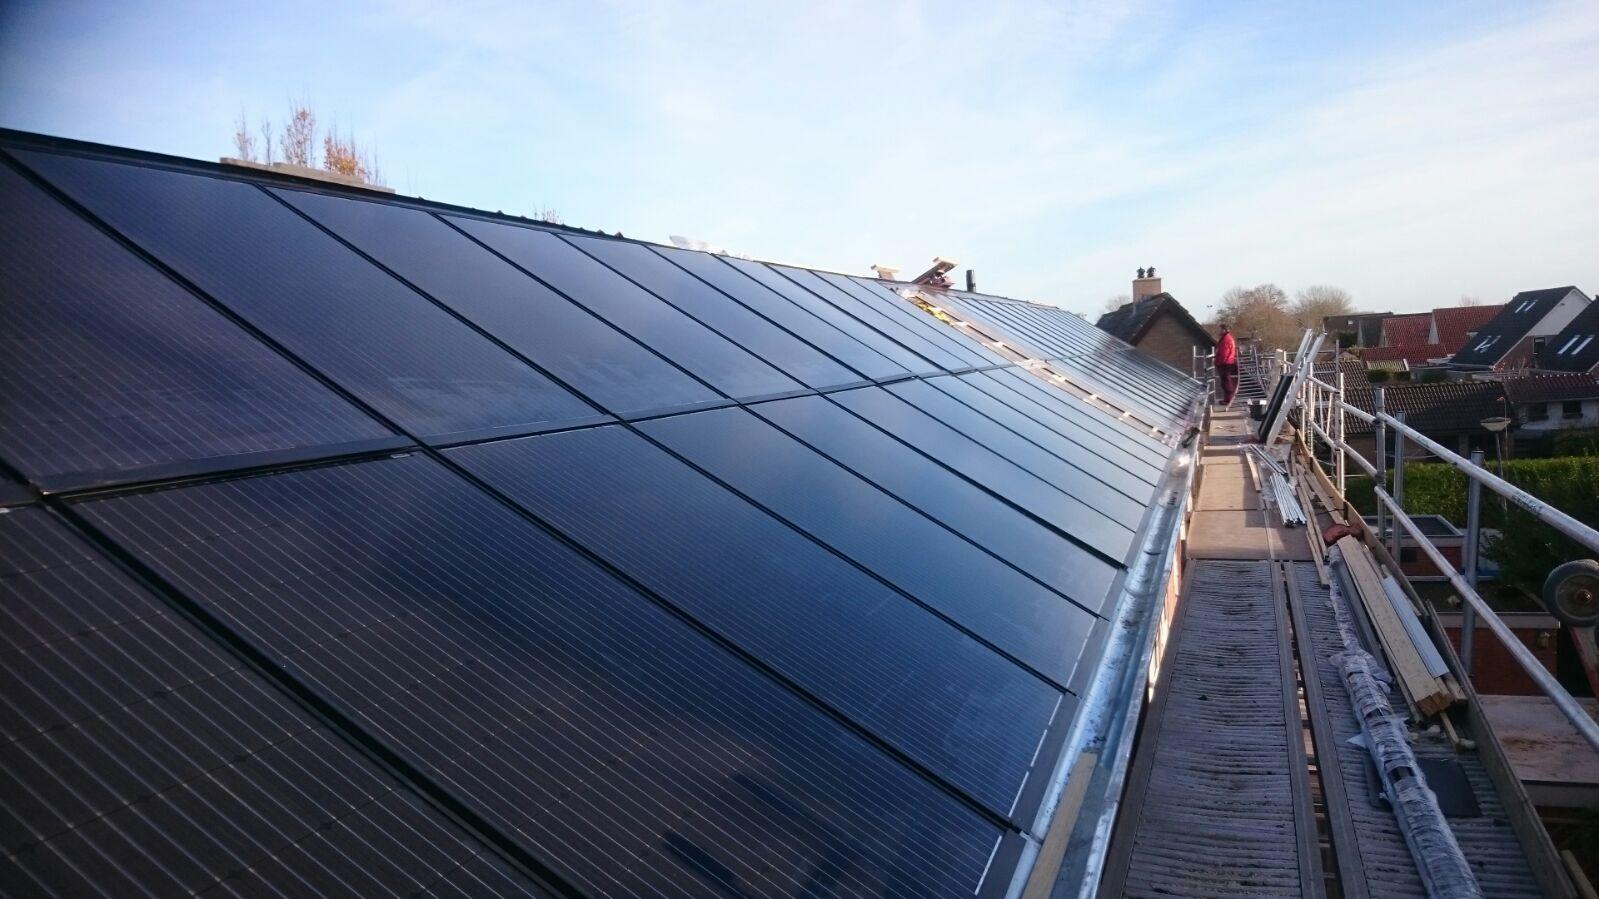 indak-zonnepanelen-goningen-scx-solar